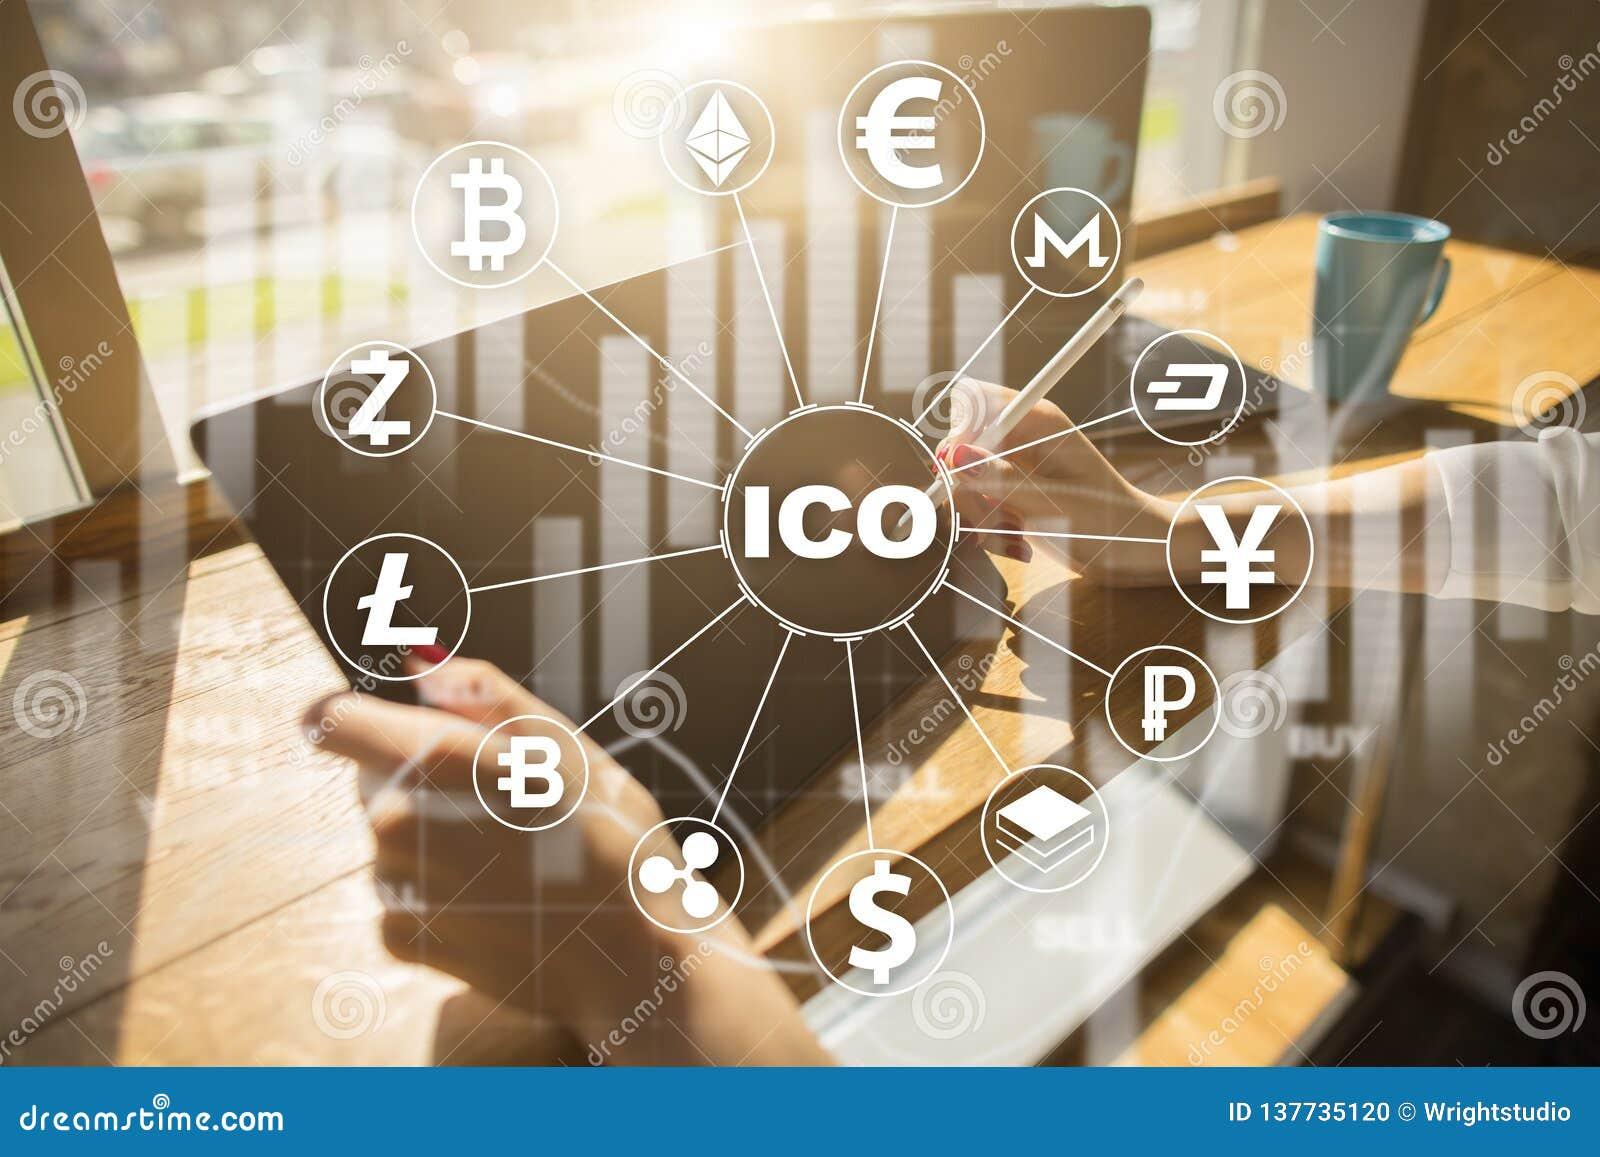 Binary coin ico